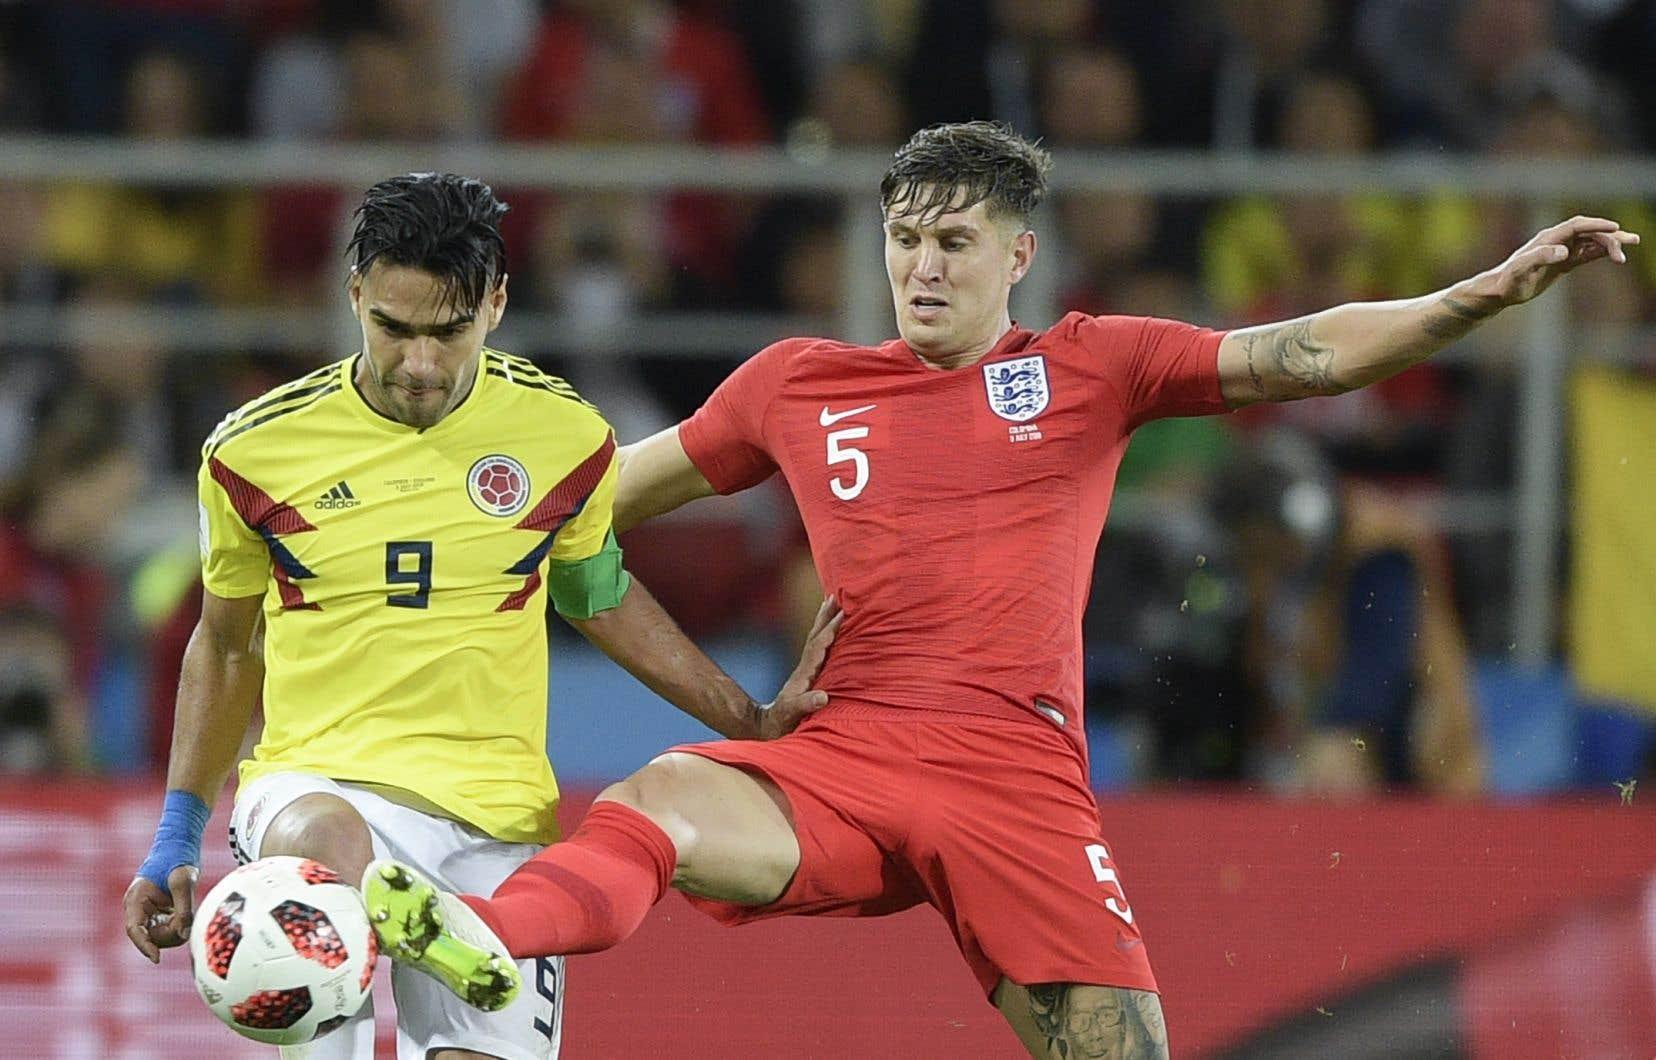 L'Angleterre affrontait la Colombie mardi en huitième de finale de la Coupe du monde de soccer.